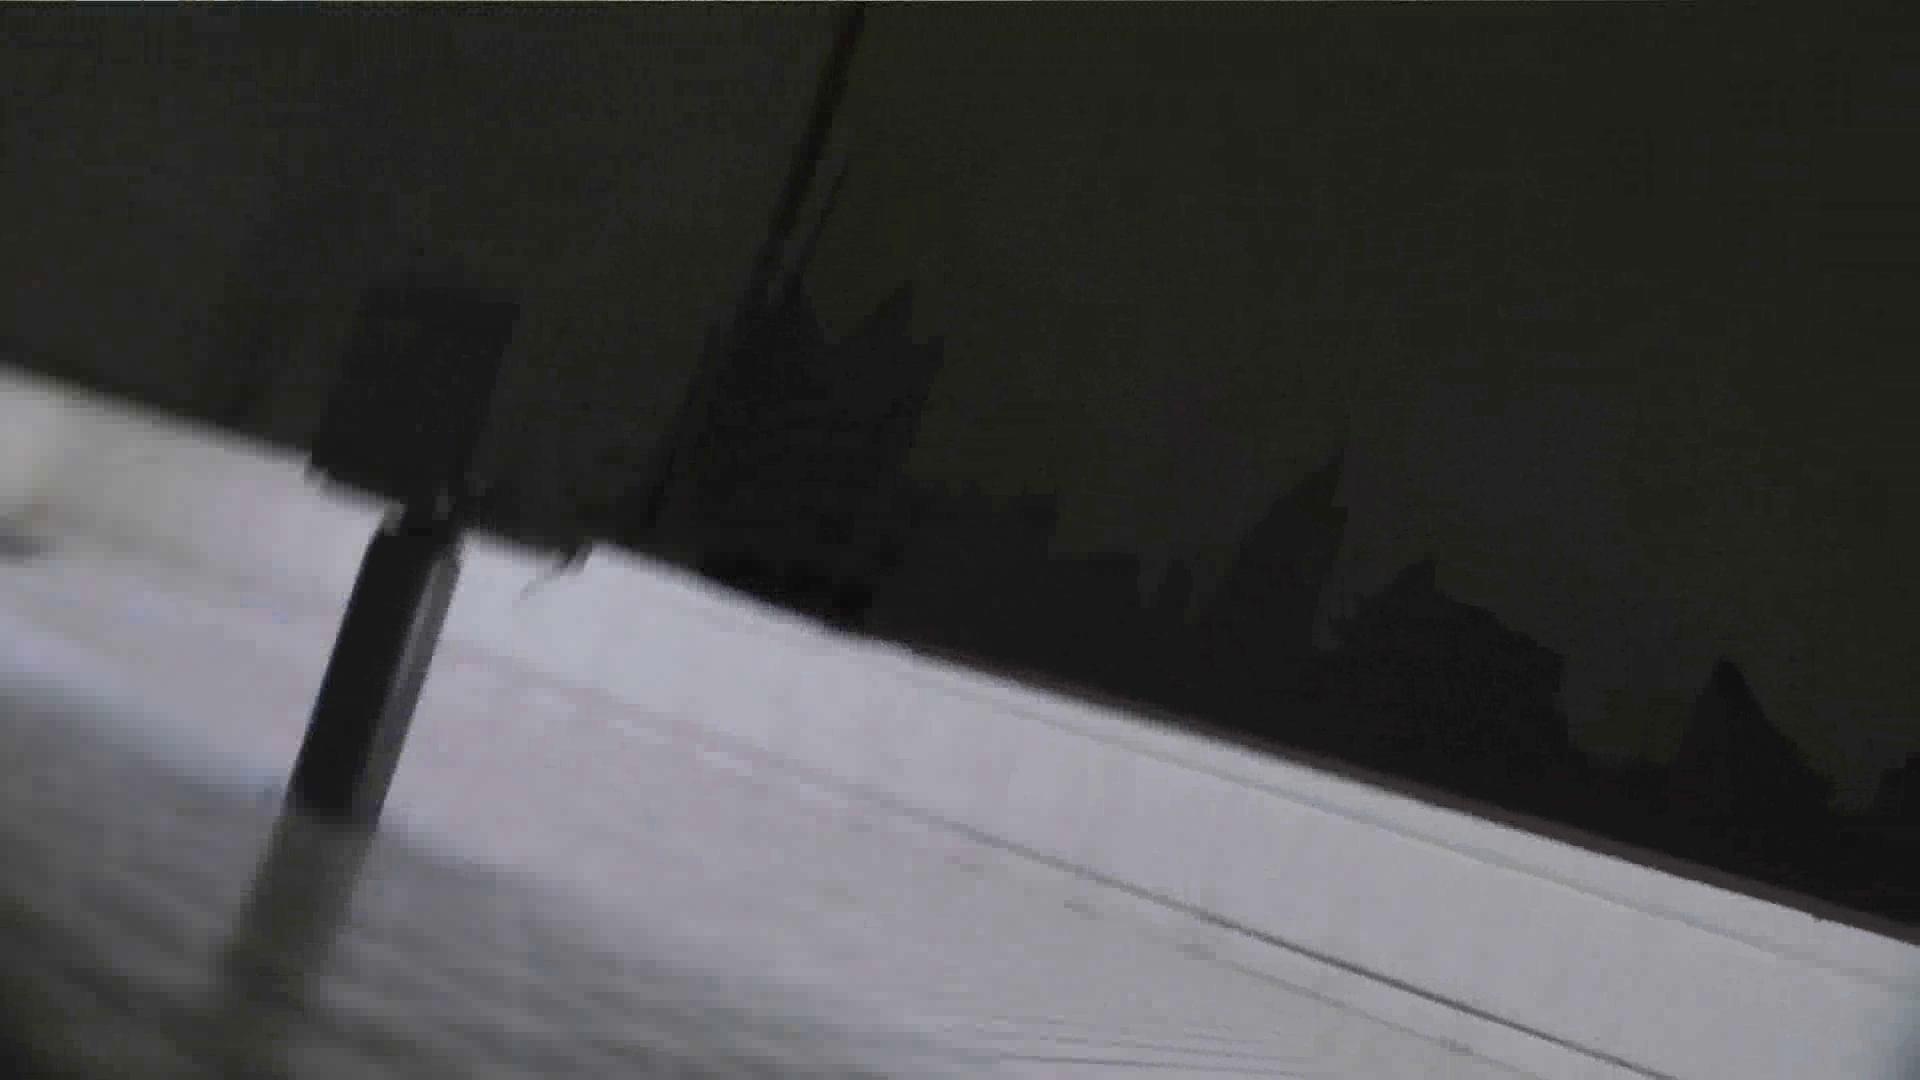 【美しき個室な世界】 vol.023 めんこい人たち 洗面所  104pic 54